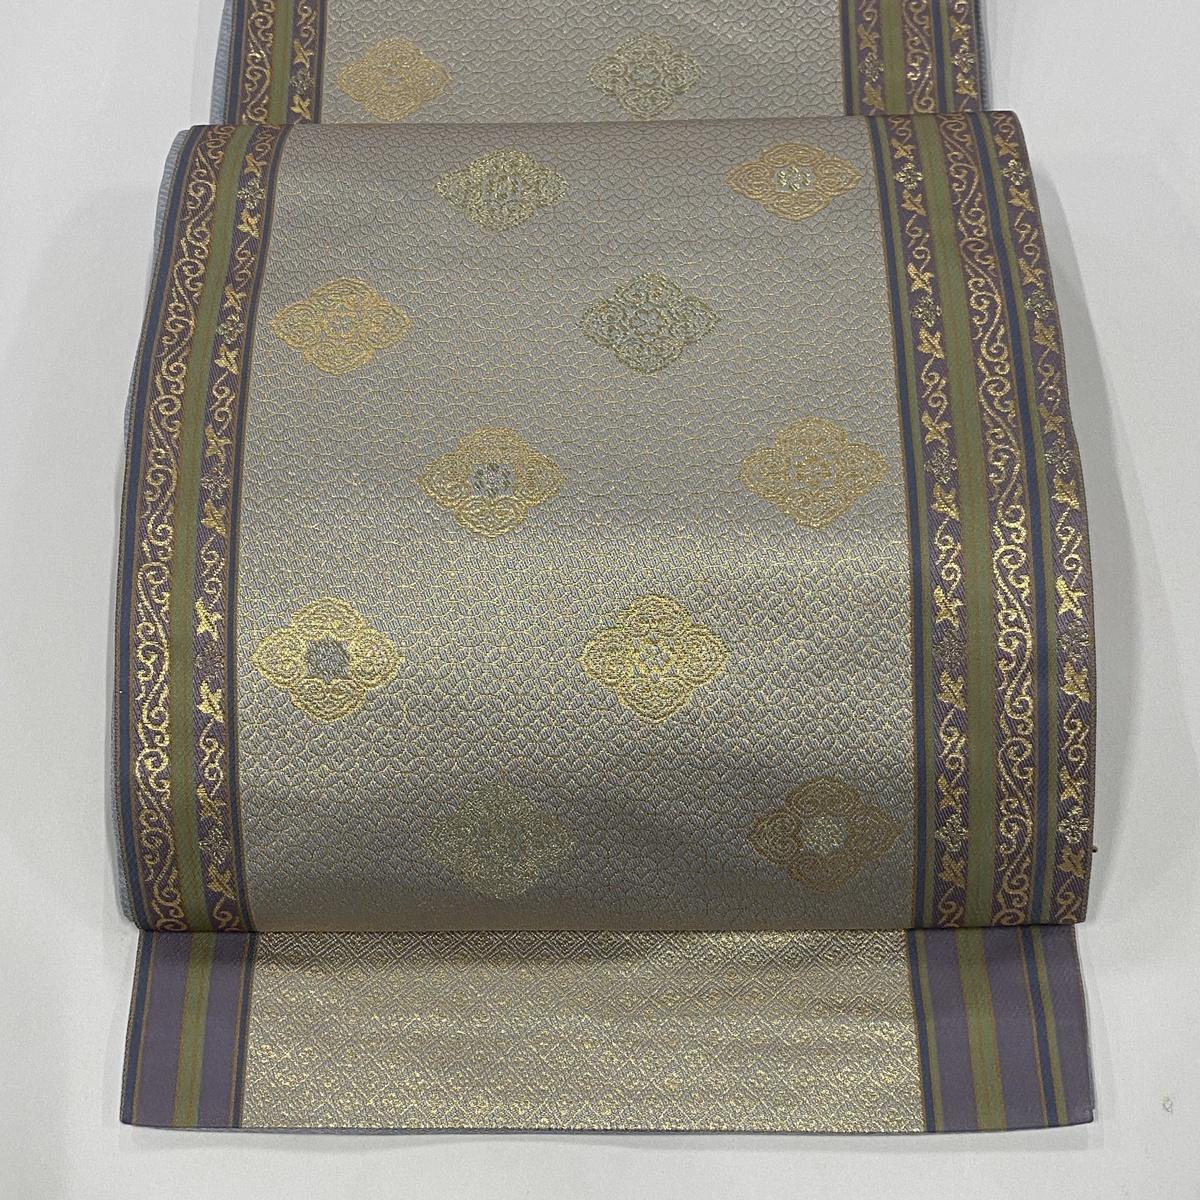 袋帯 美品 秀品 花菱 縞 金糸 箔 薄紫 全通 正絹 【中古】